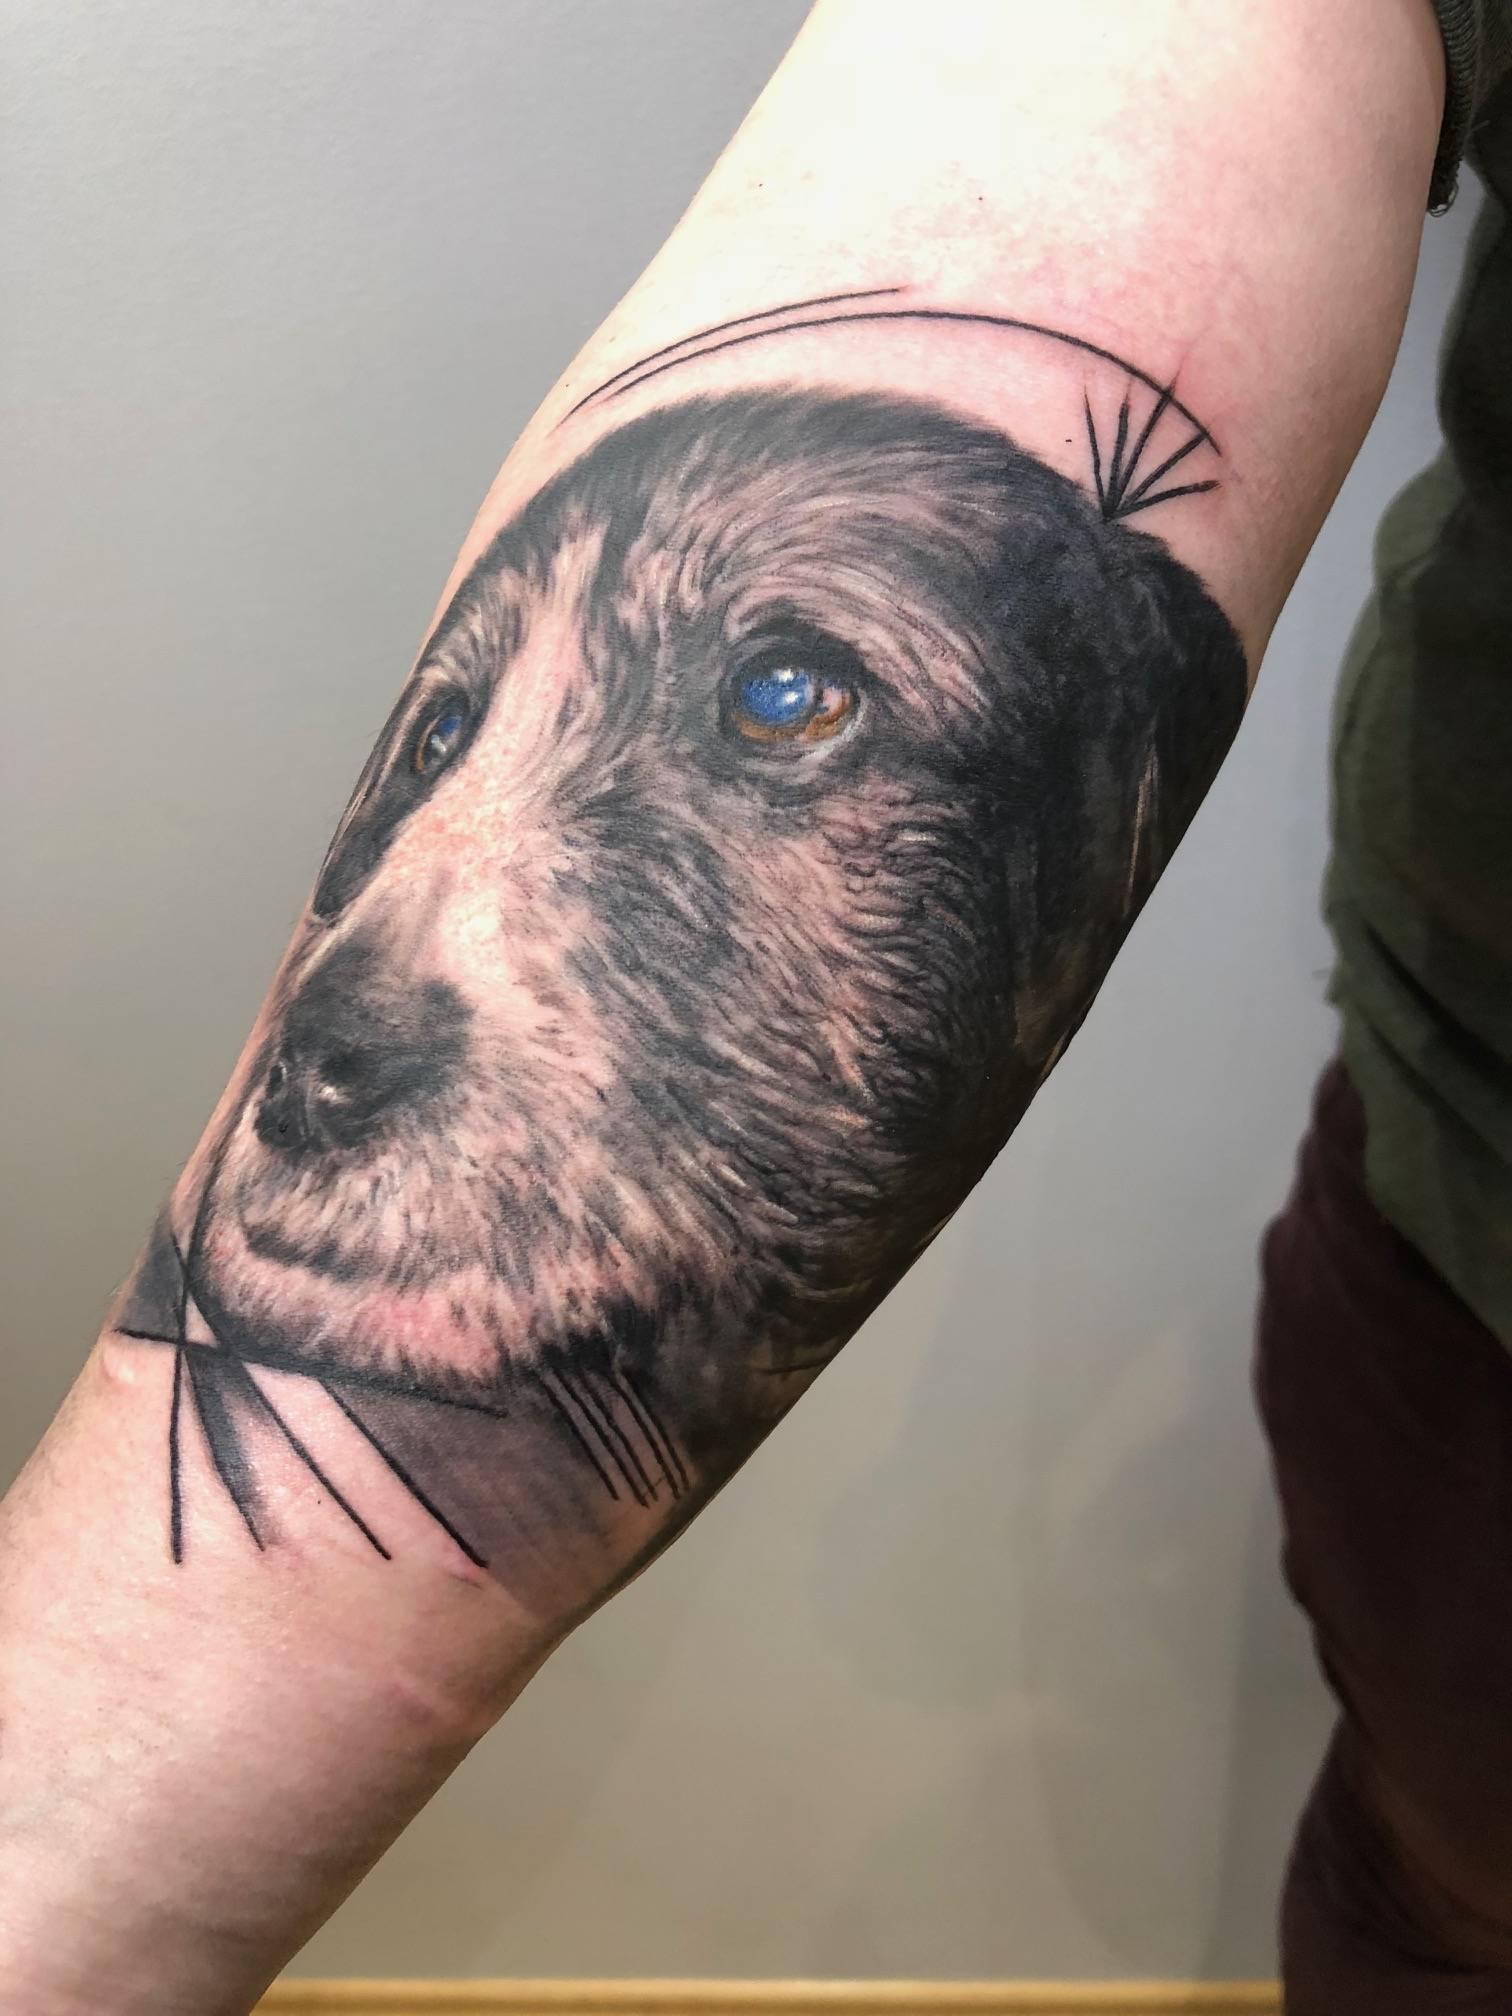 tattoo studio anansi münchen munich dog hund portrait schwarz black laszlo tätowierer best